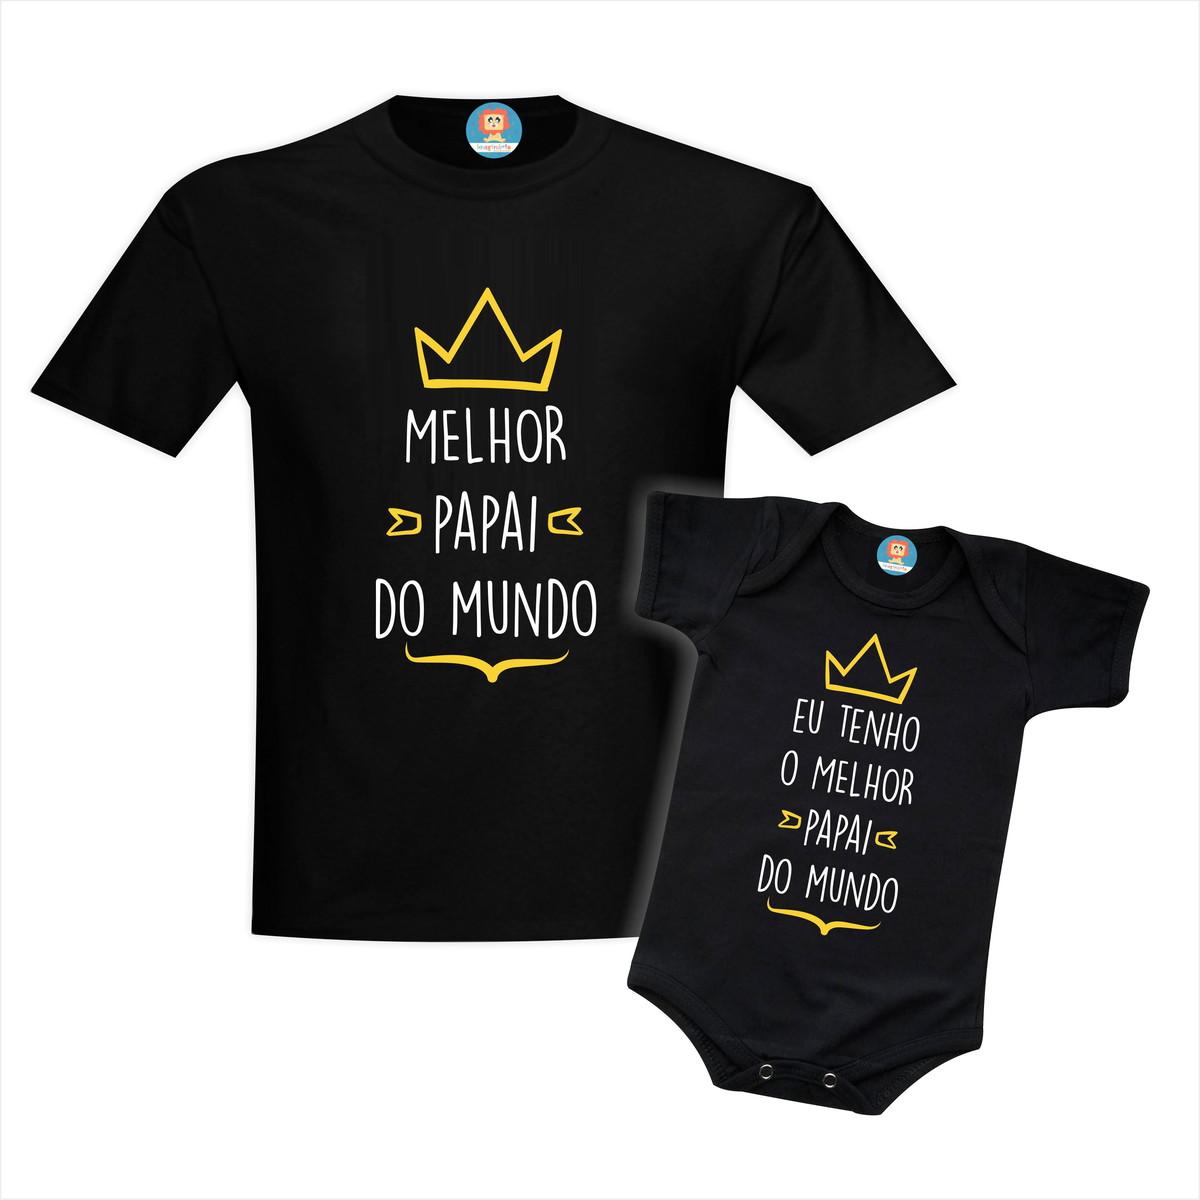 Kit Camiseta e Body Eu Tenho O Melhor Papai do Mundo Black